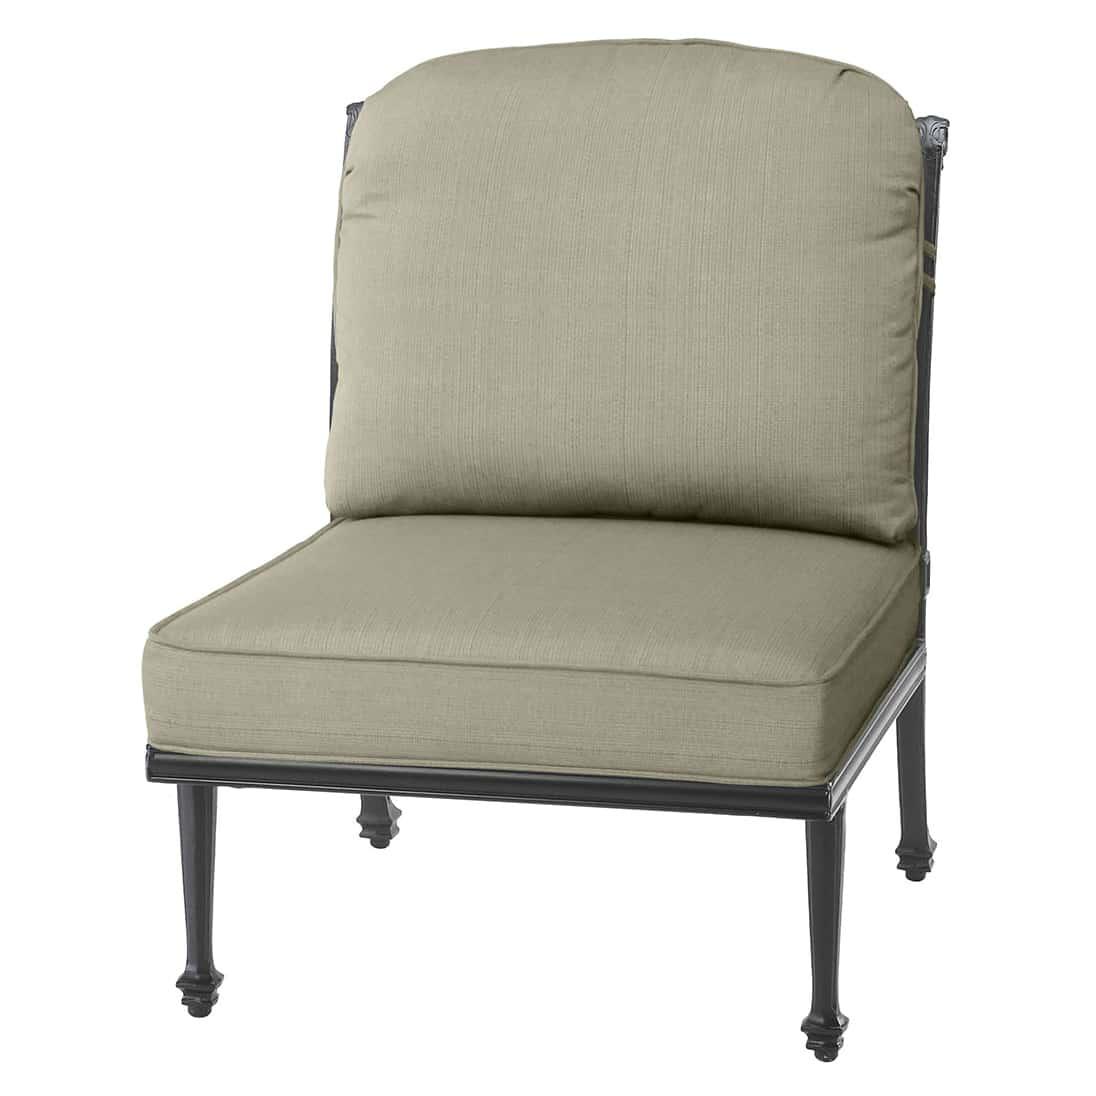 Grand Terrace Modular Armless Lounge Chair  Ultra Modern